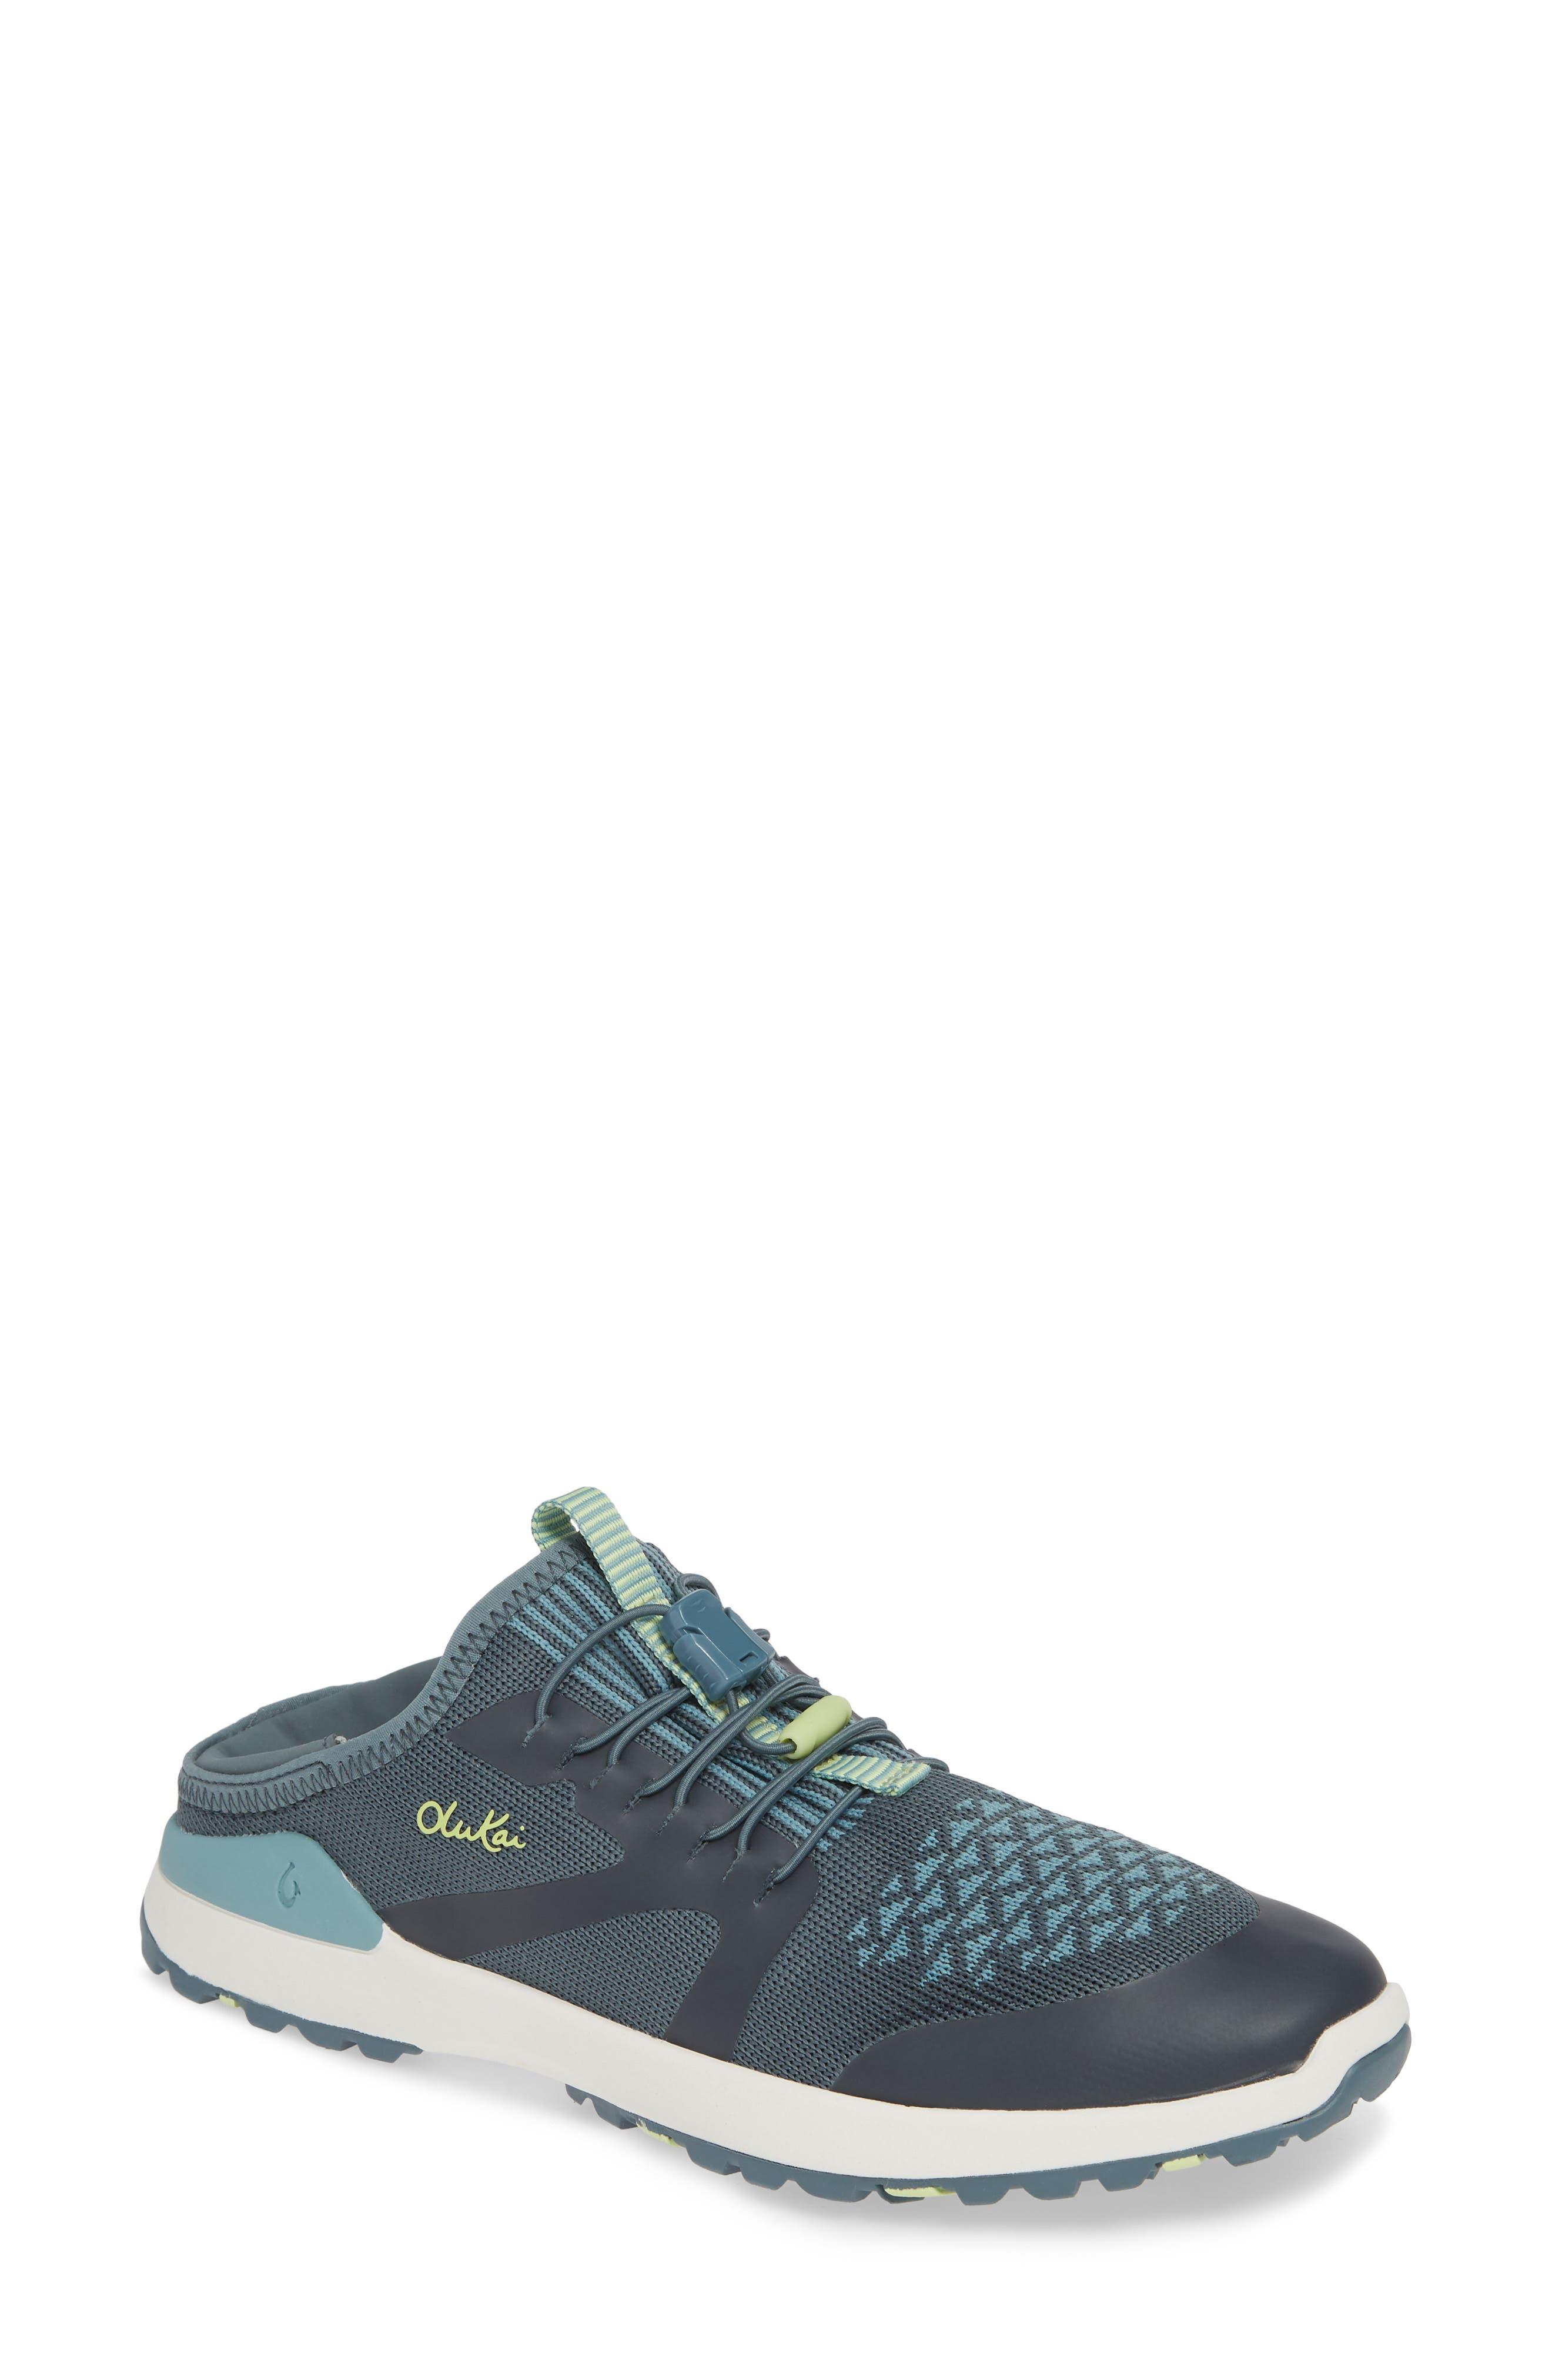 Olukai Miki Convertible Sneaker, Blue